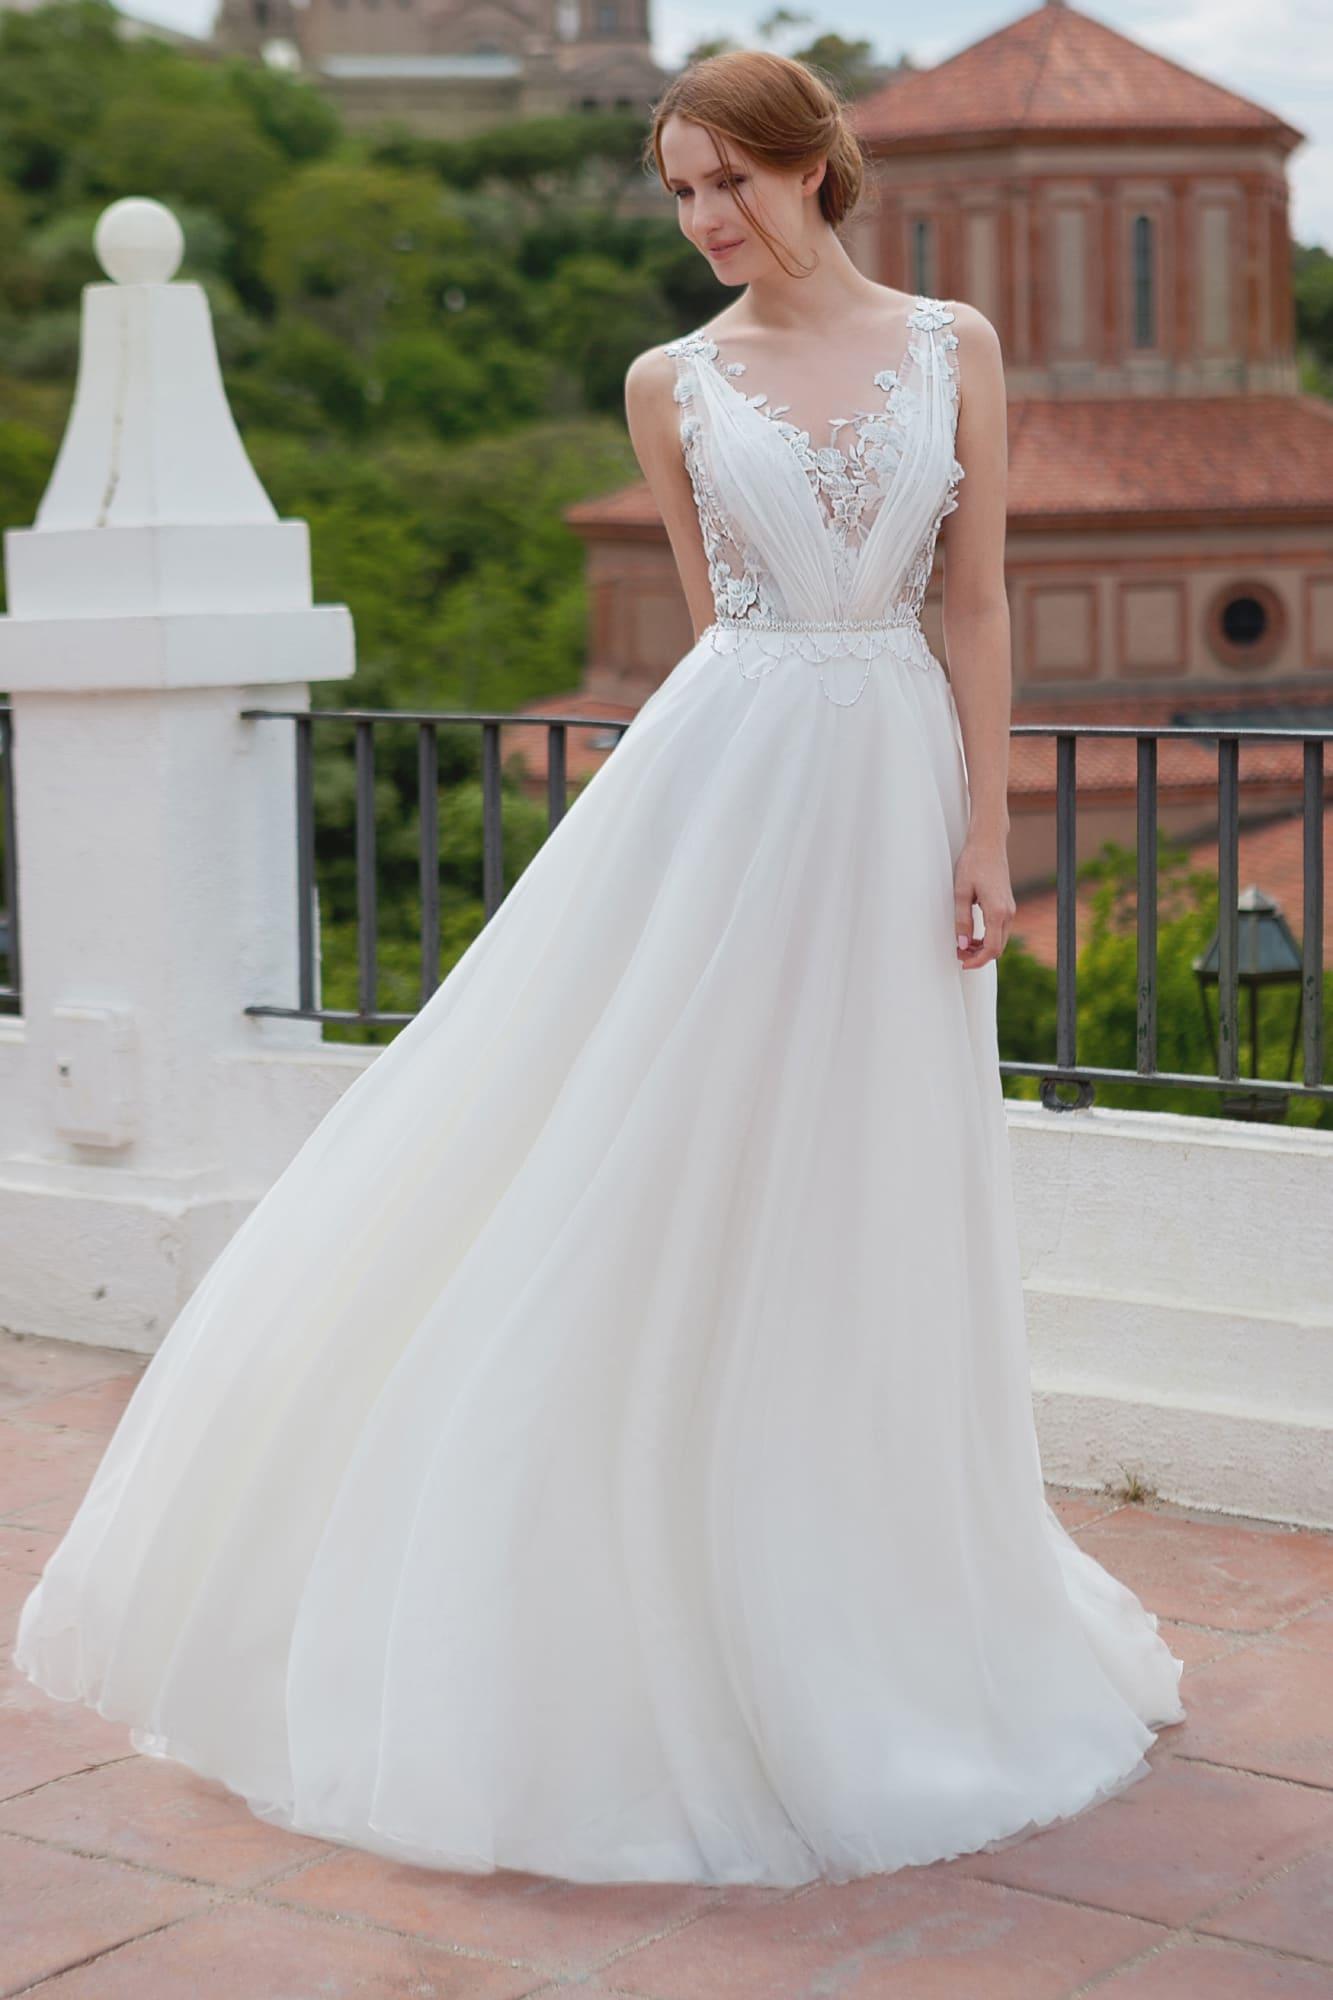 Свадебное платье «принцесса» с глубоким V-образным вырезом и отделкой аппликациями.